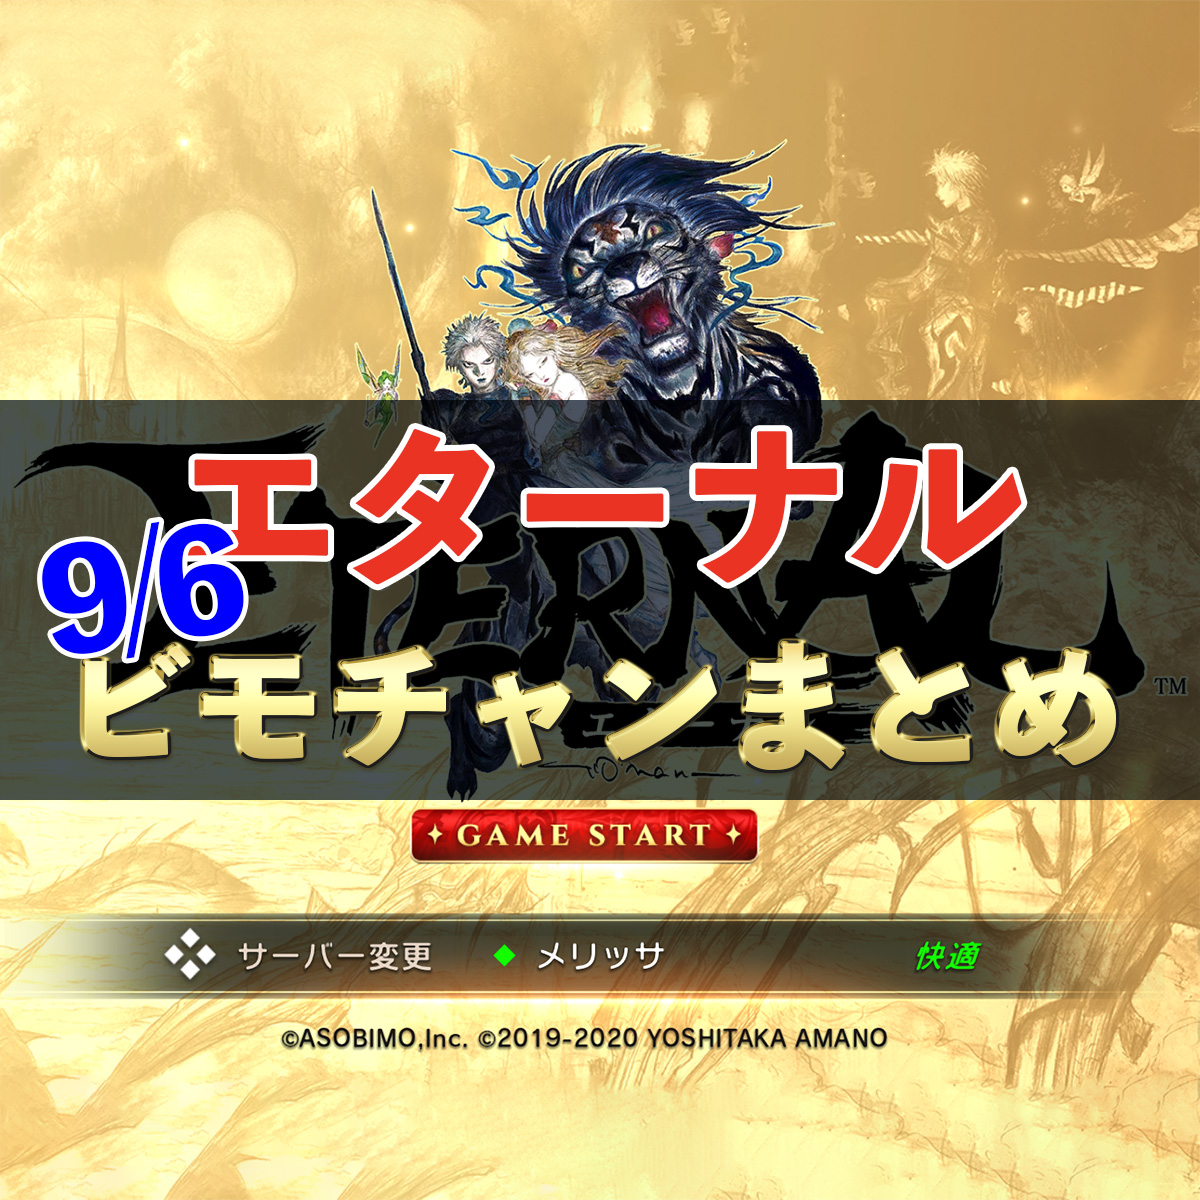 【エターナル】9/6 ビモチャン情報まとめ